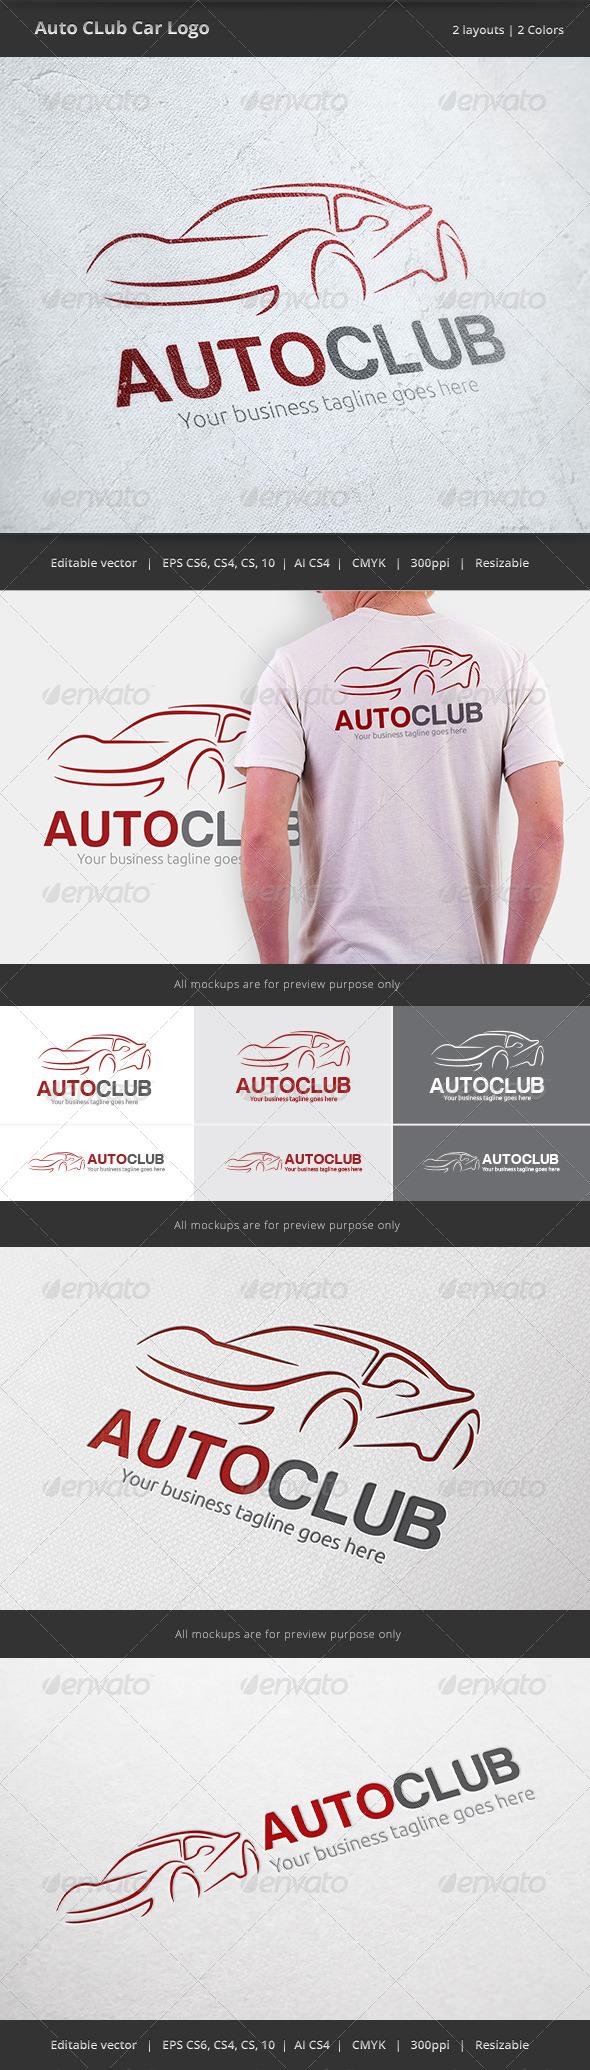 GraphicRiver Auto Club Car Logo 6568679